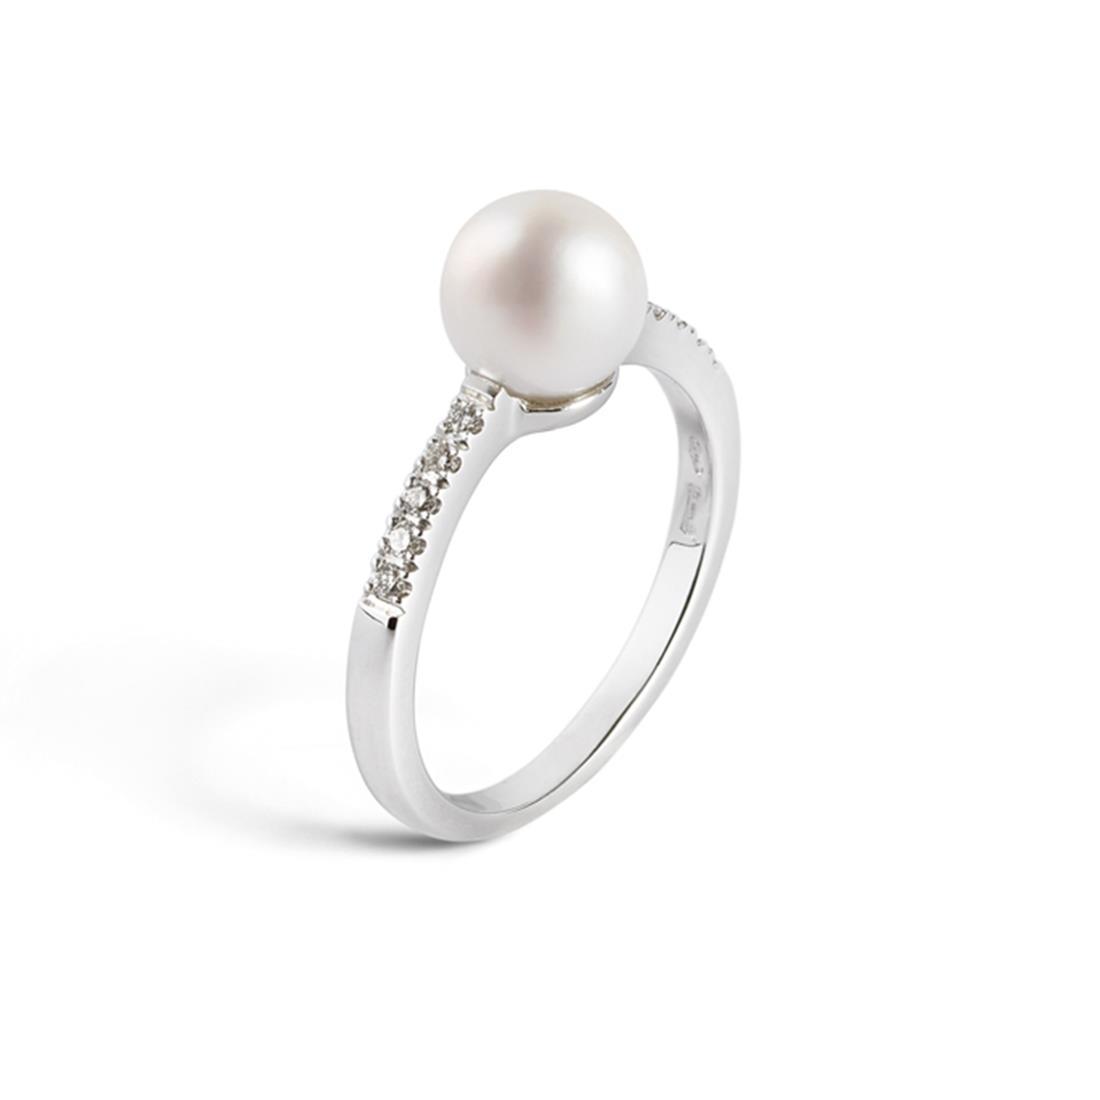 Anello riviere con diamanti ct. 0,10 e perla - ALFIERI & ST. JOHN